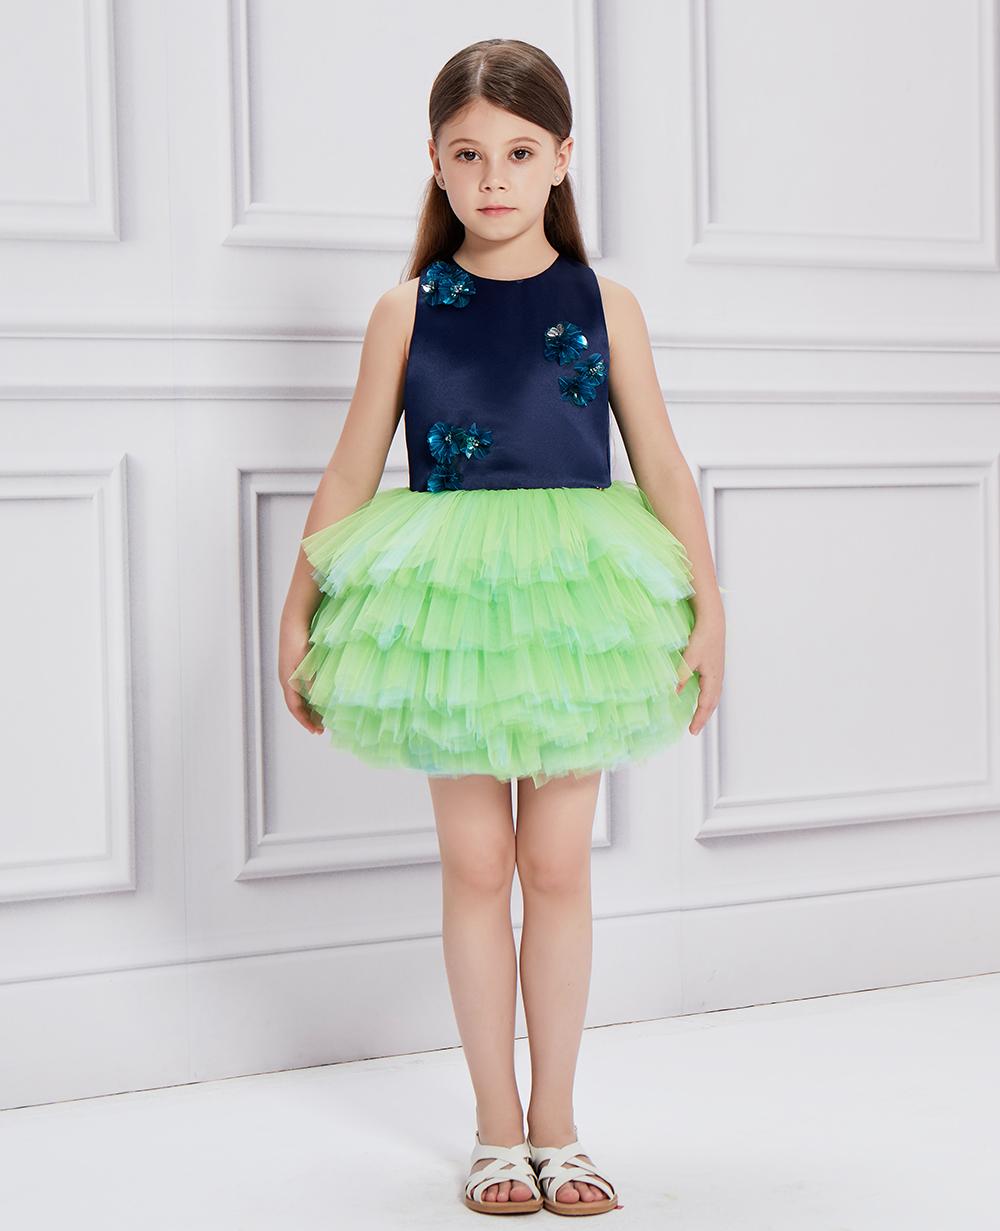 Midnight Blue & Green Ballerina Tulle Dress